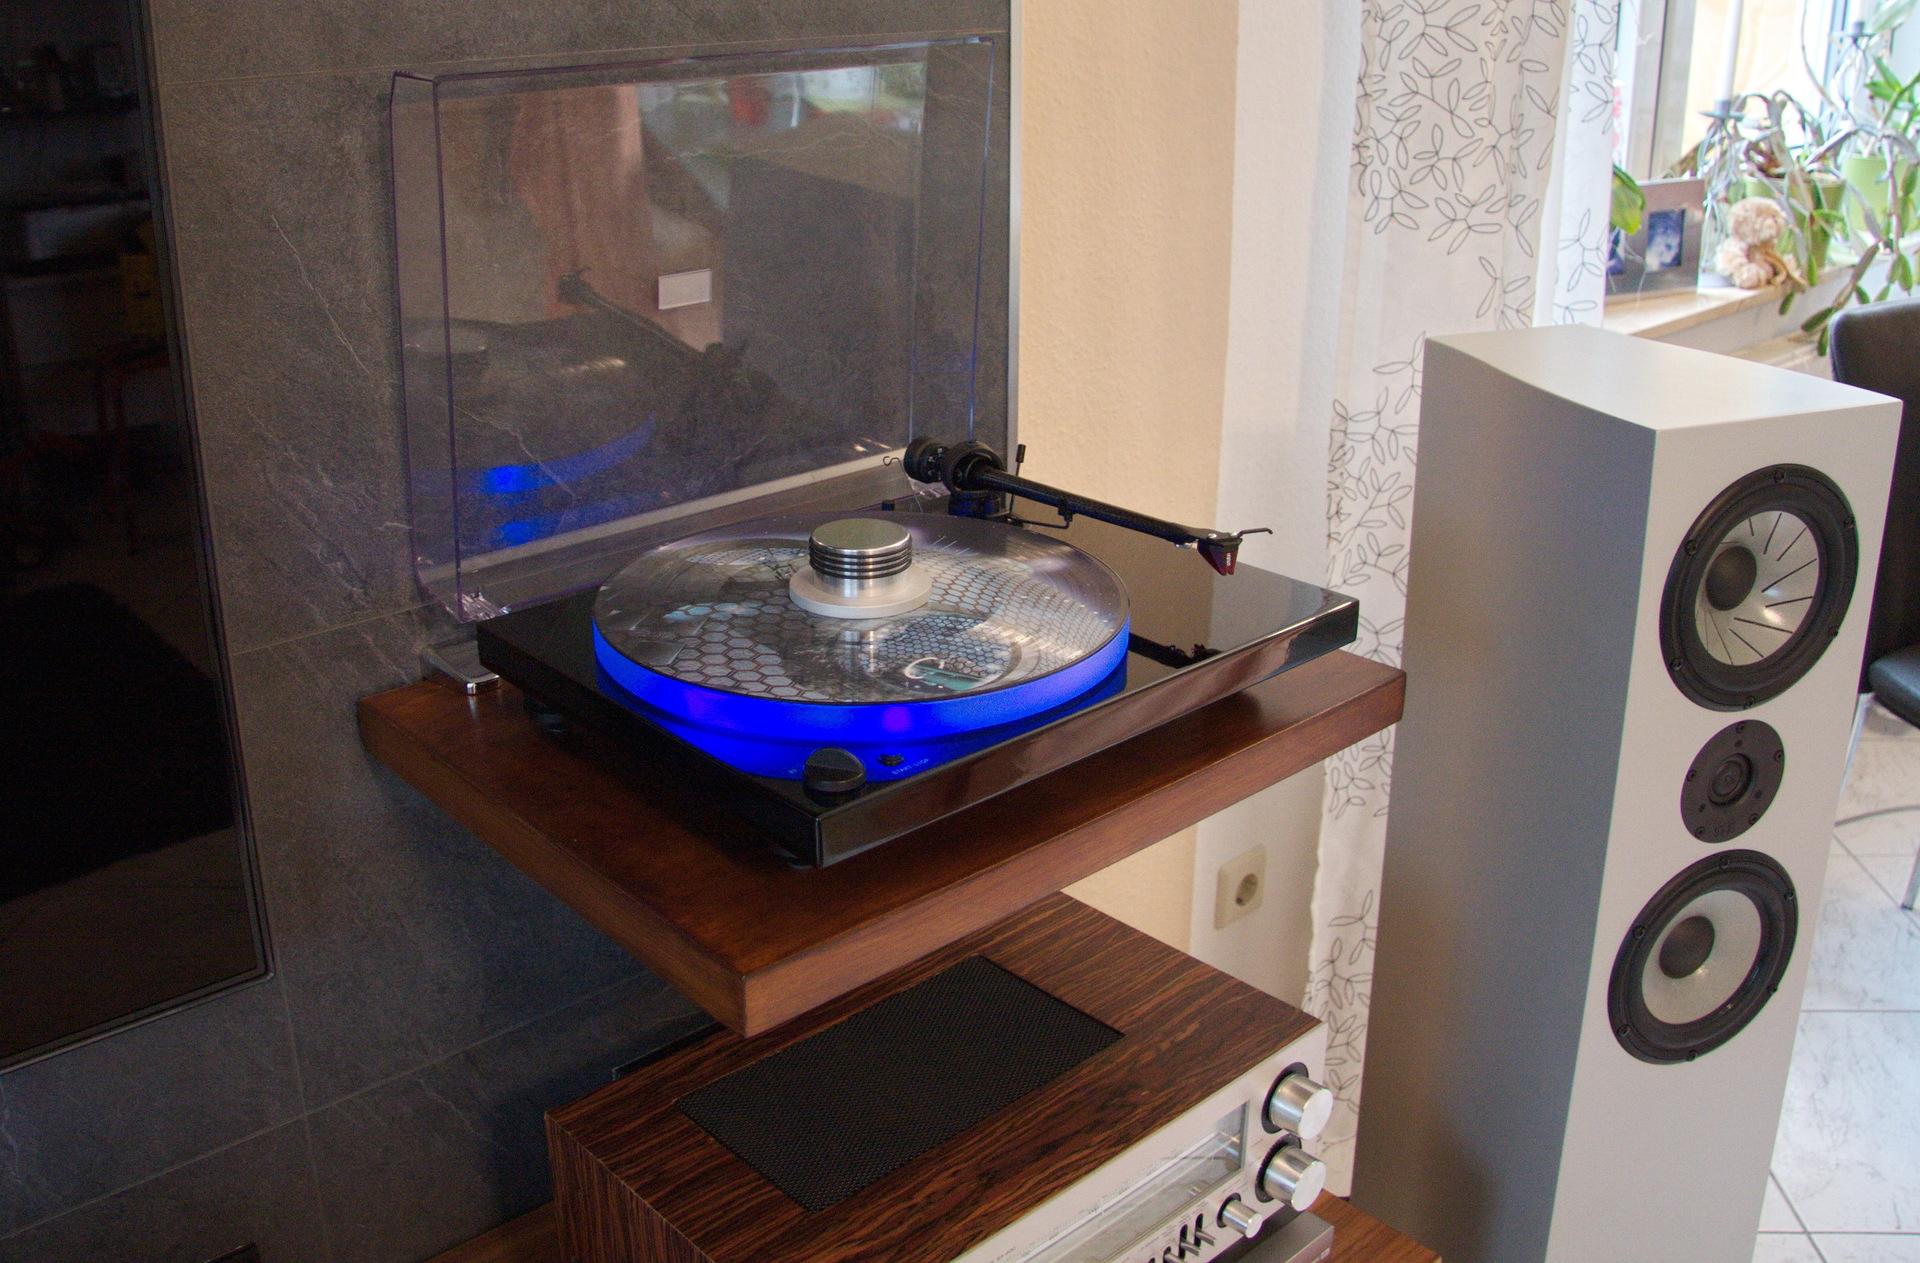 led beleuchtung beleuchtung led hifi bildergalerie. Black Bedroom Furniture Sets. Home Design Ideas